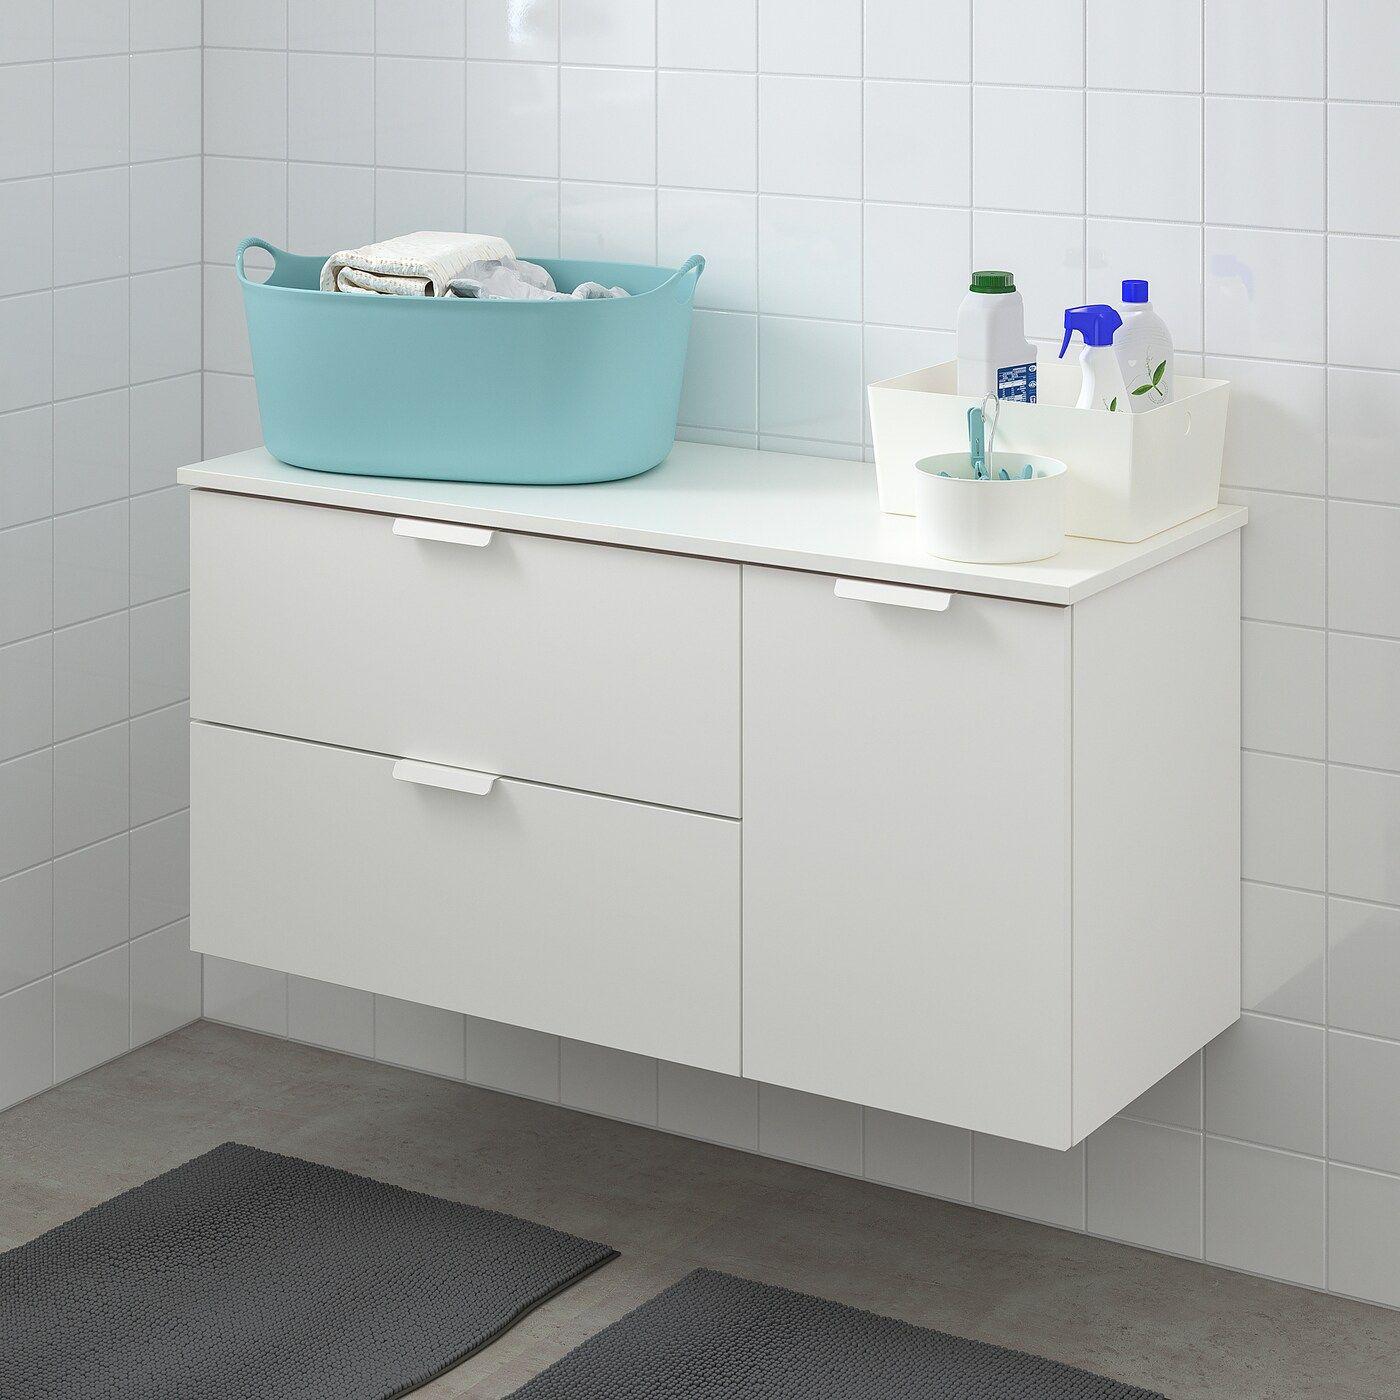 Godmorgon Tolken Waschbeckenschrank 3 Schubl Weiss Weiss In 2020 Waschbeckenschrank Ikea Und Ikea Godmorgon